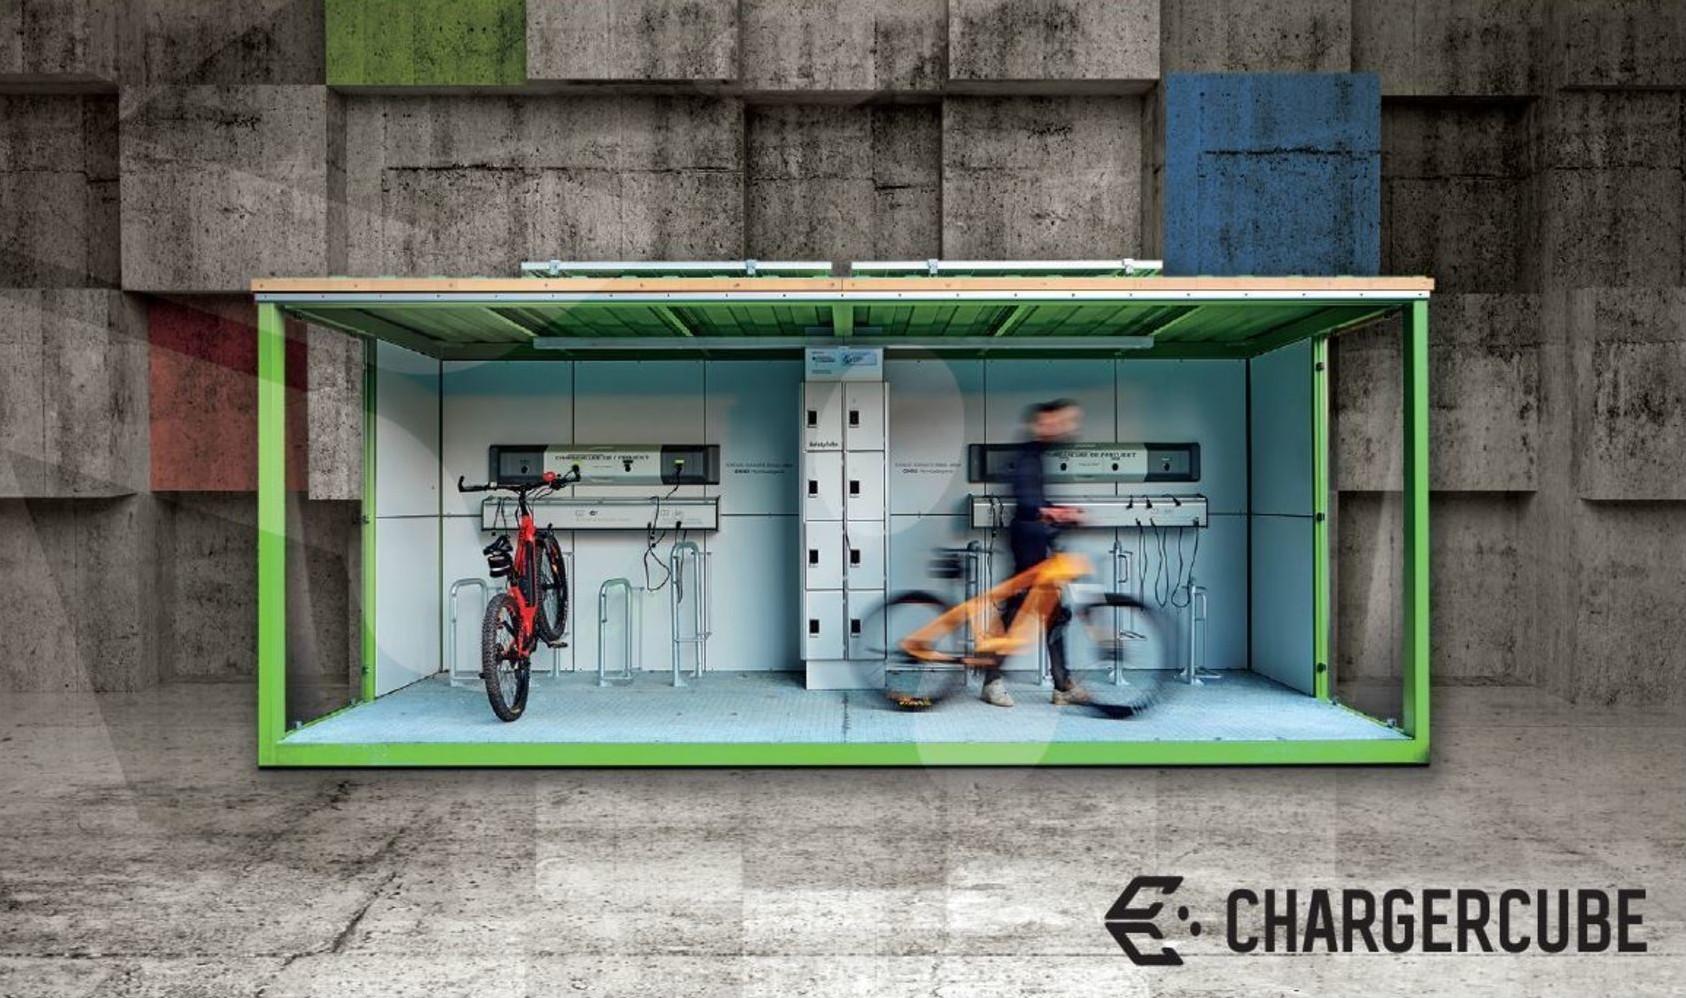 Eine Postkarte über den ChargerCube mit der Überschrift Einfach Überall Stromtanken. Vor einem grauen Betonmauer steht ein grüner Ladewürfel in dem ein rotes Fahrrad steht. Eine Person ist verschwommen und schiebt ein Fahrrad mit sich.